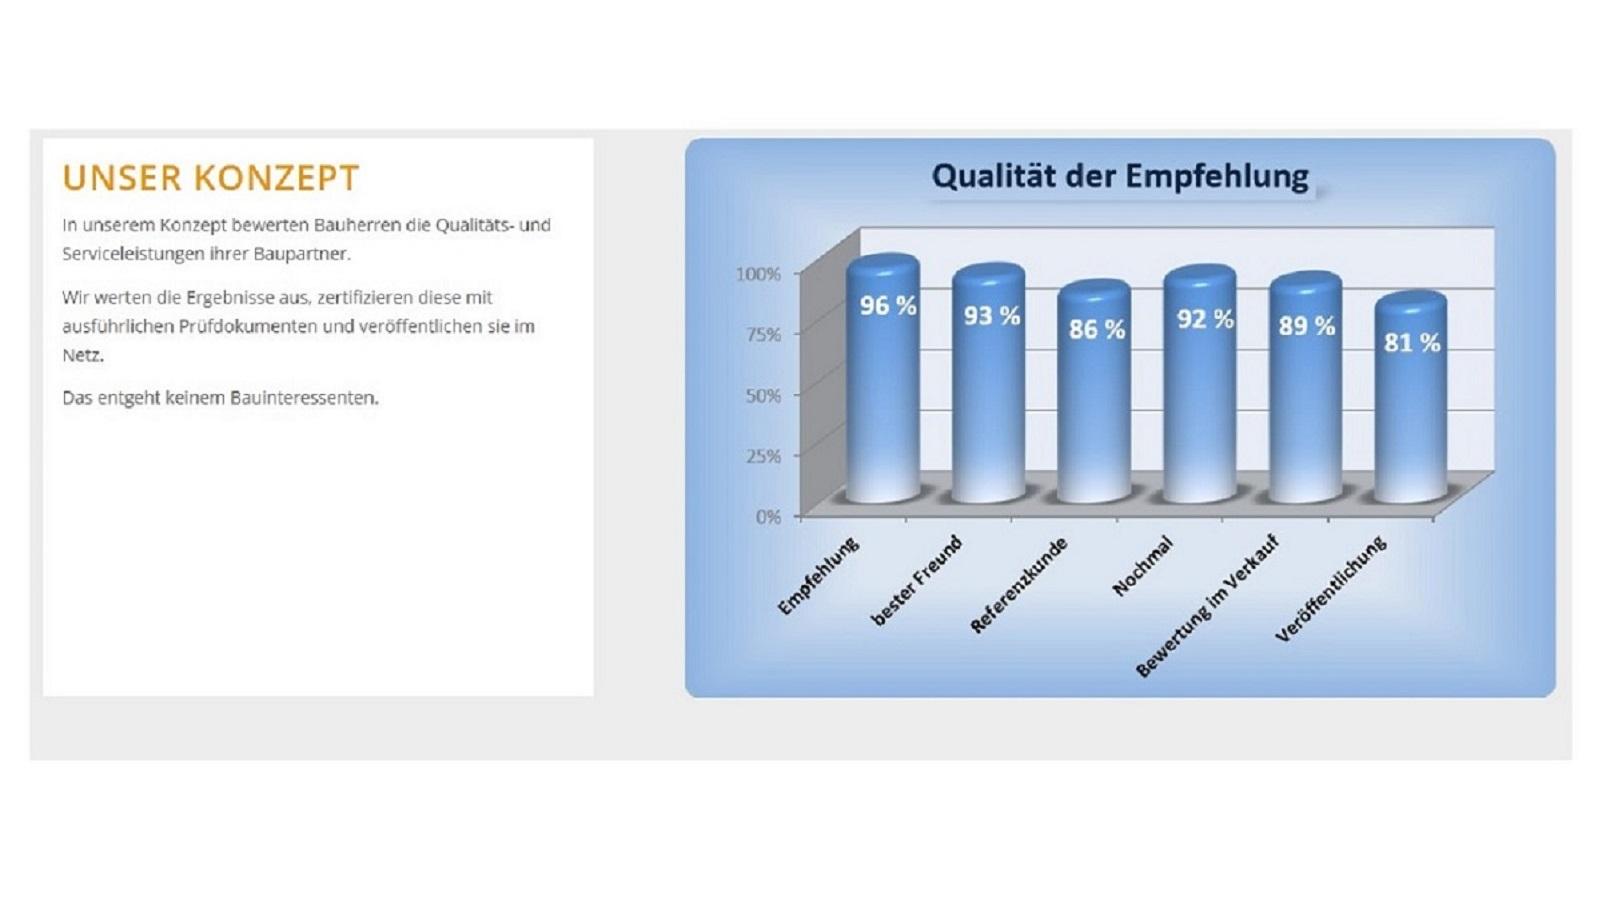 BAUHERRENreport GmbH: Bauunternehmen sollten Selbstdarstellung durch Qualitäts-Content ersetzen